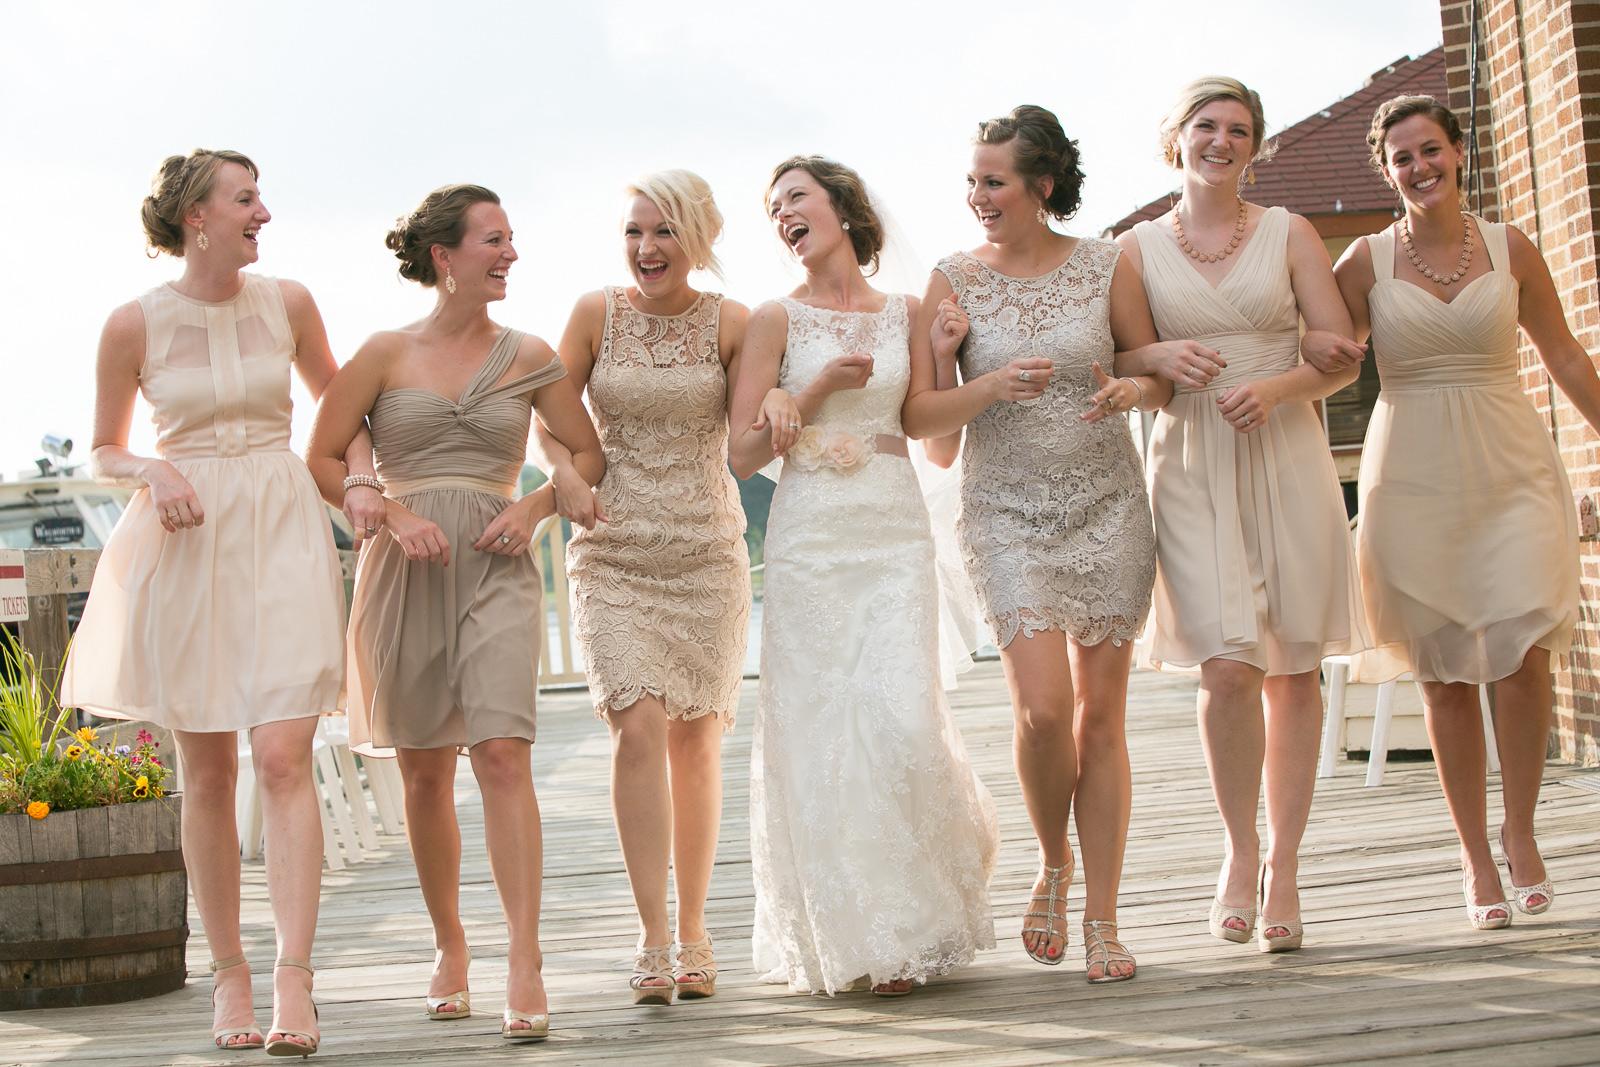 bridal-party-walking-at-lake-geneva-wedding.jpg